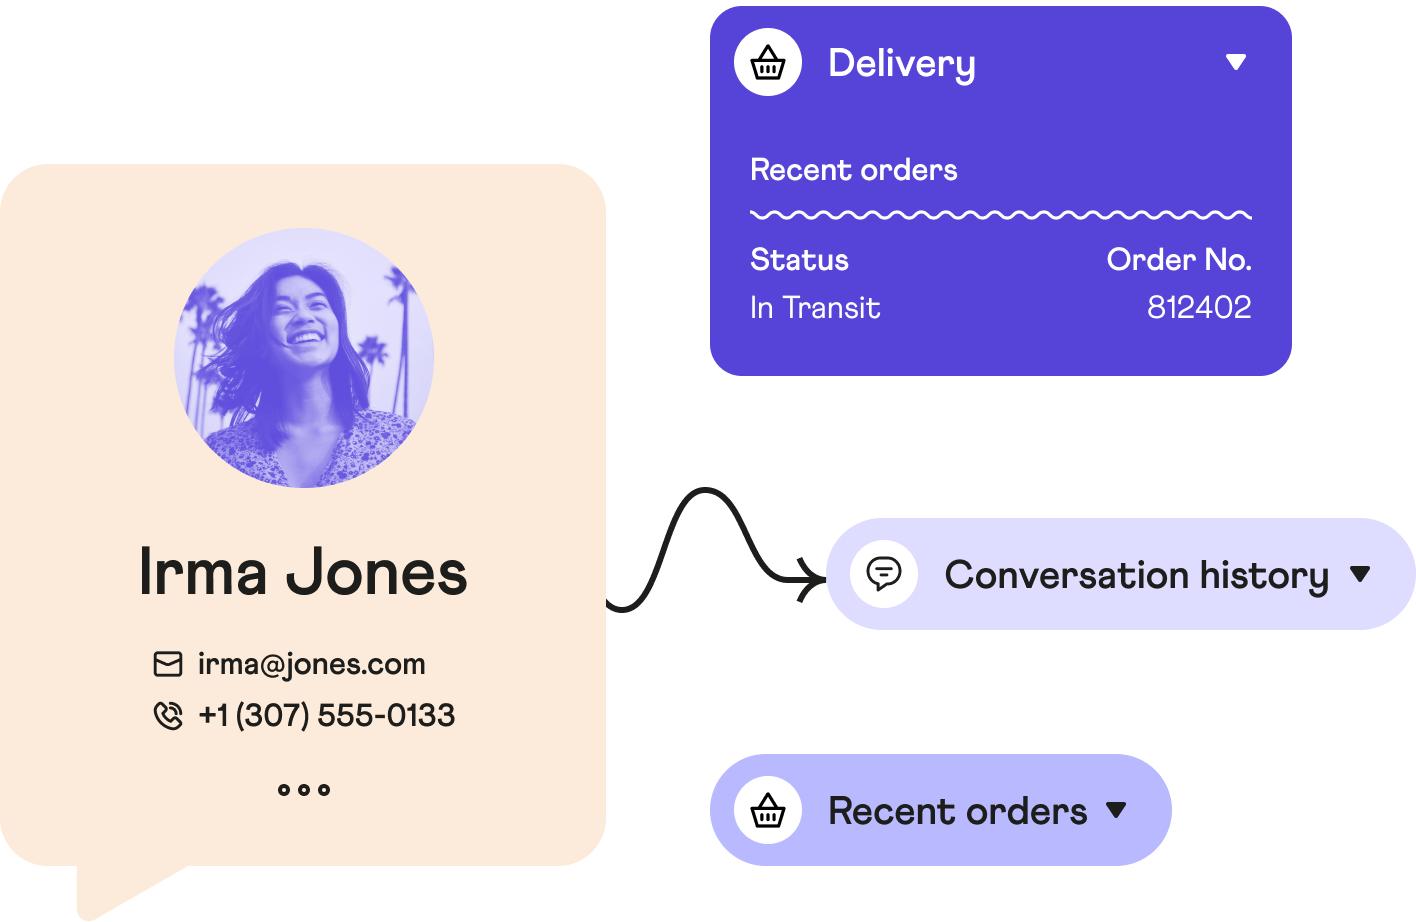 Customer Data in Dixa Customer Service Platform